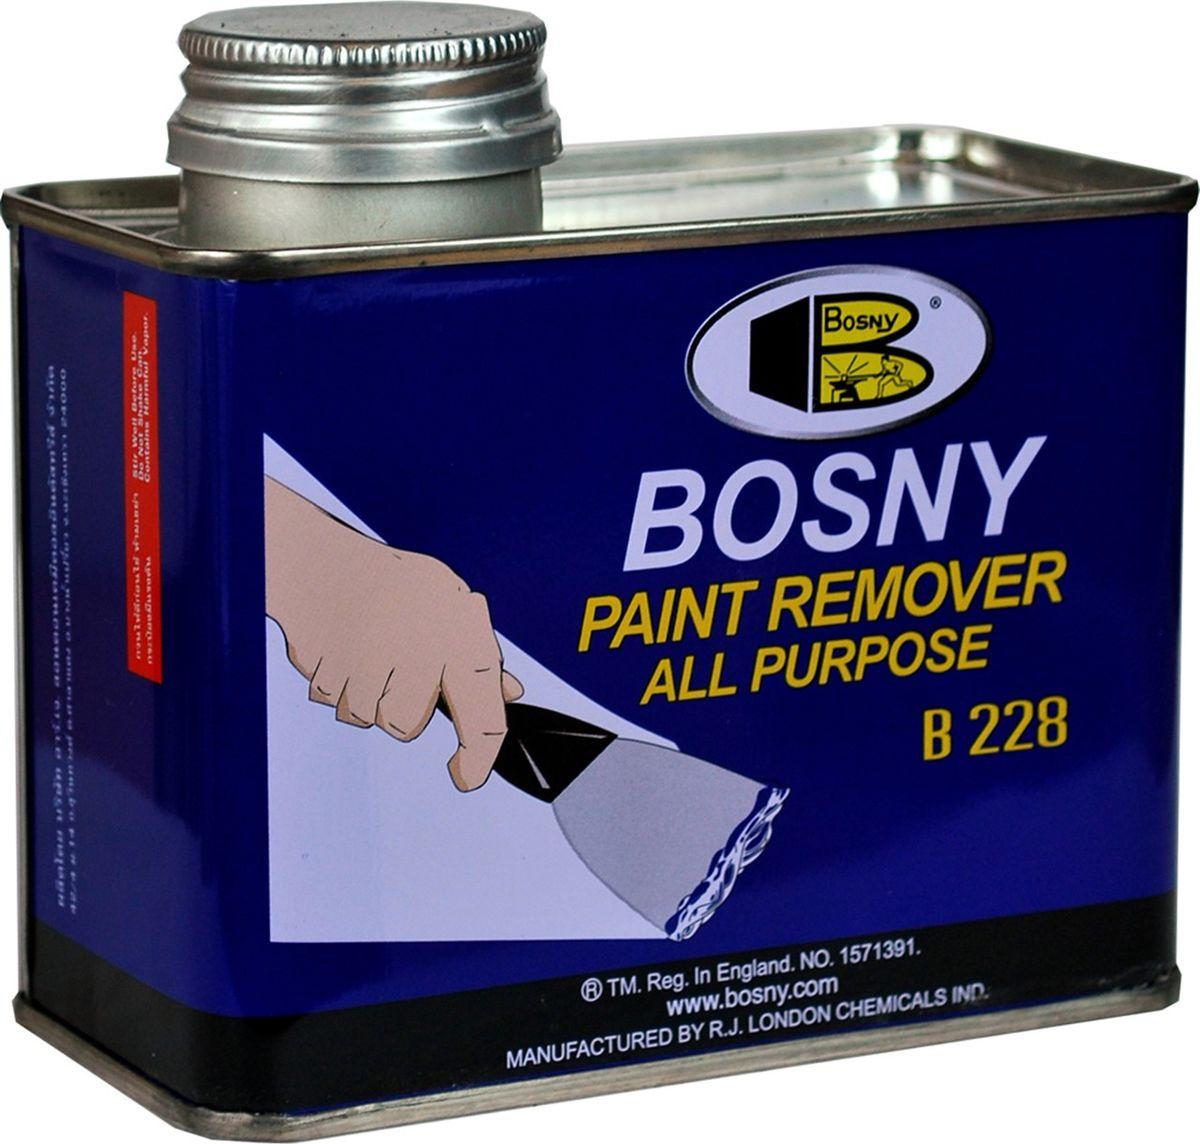 Смывка краски-гель Bosny, универсальная, 400 г228Универсальная смывка краски Bosny Paint Remover –мощное средство на гелевой основе, предназначенное для удаления всевозможных типов краски с окрашенных поверхностей быстро и эффективно, весь процесс занимает лишь несколько минут. Смывка краски Bosny Paint Remover предназначена для удаления масляных красок, синтетических эмалей, различных лаков, в том числе целлюлозных, эмалей горячей сушки, и других видов лакокрасочных покрытий. Может использоваться как для бытовых, так и для промышленных целей. Гелевая консистенция смывки имеет несколько преимуществ по сравнению с жидкими или аэрозольными составами: 1. После нанесения гелеобразный состав образует равномерный слой одинаковой толщины по всей поверхности. 2. Можно легко и точно дозировать расход материала. 3. Исключено попадание случайных брызг на соседние участки поверхности. 4. Не требует предварительного размешивания